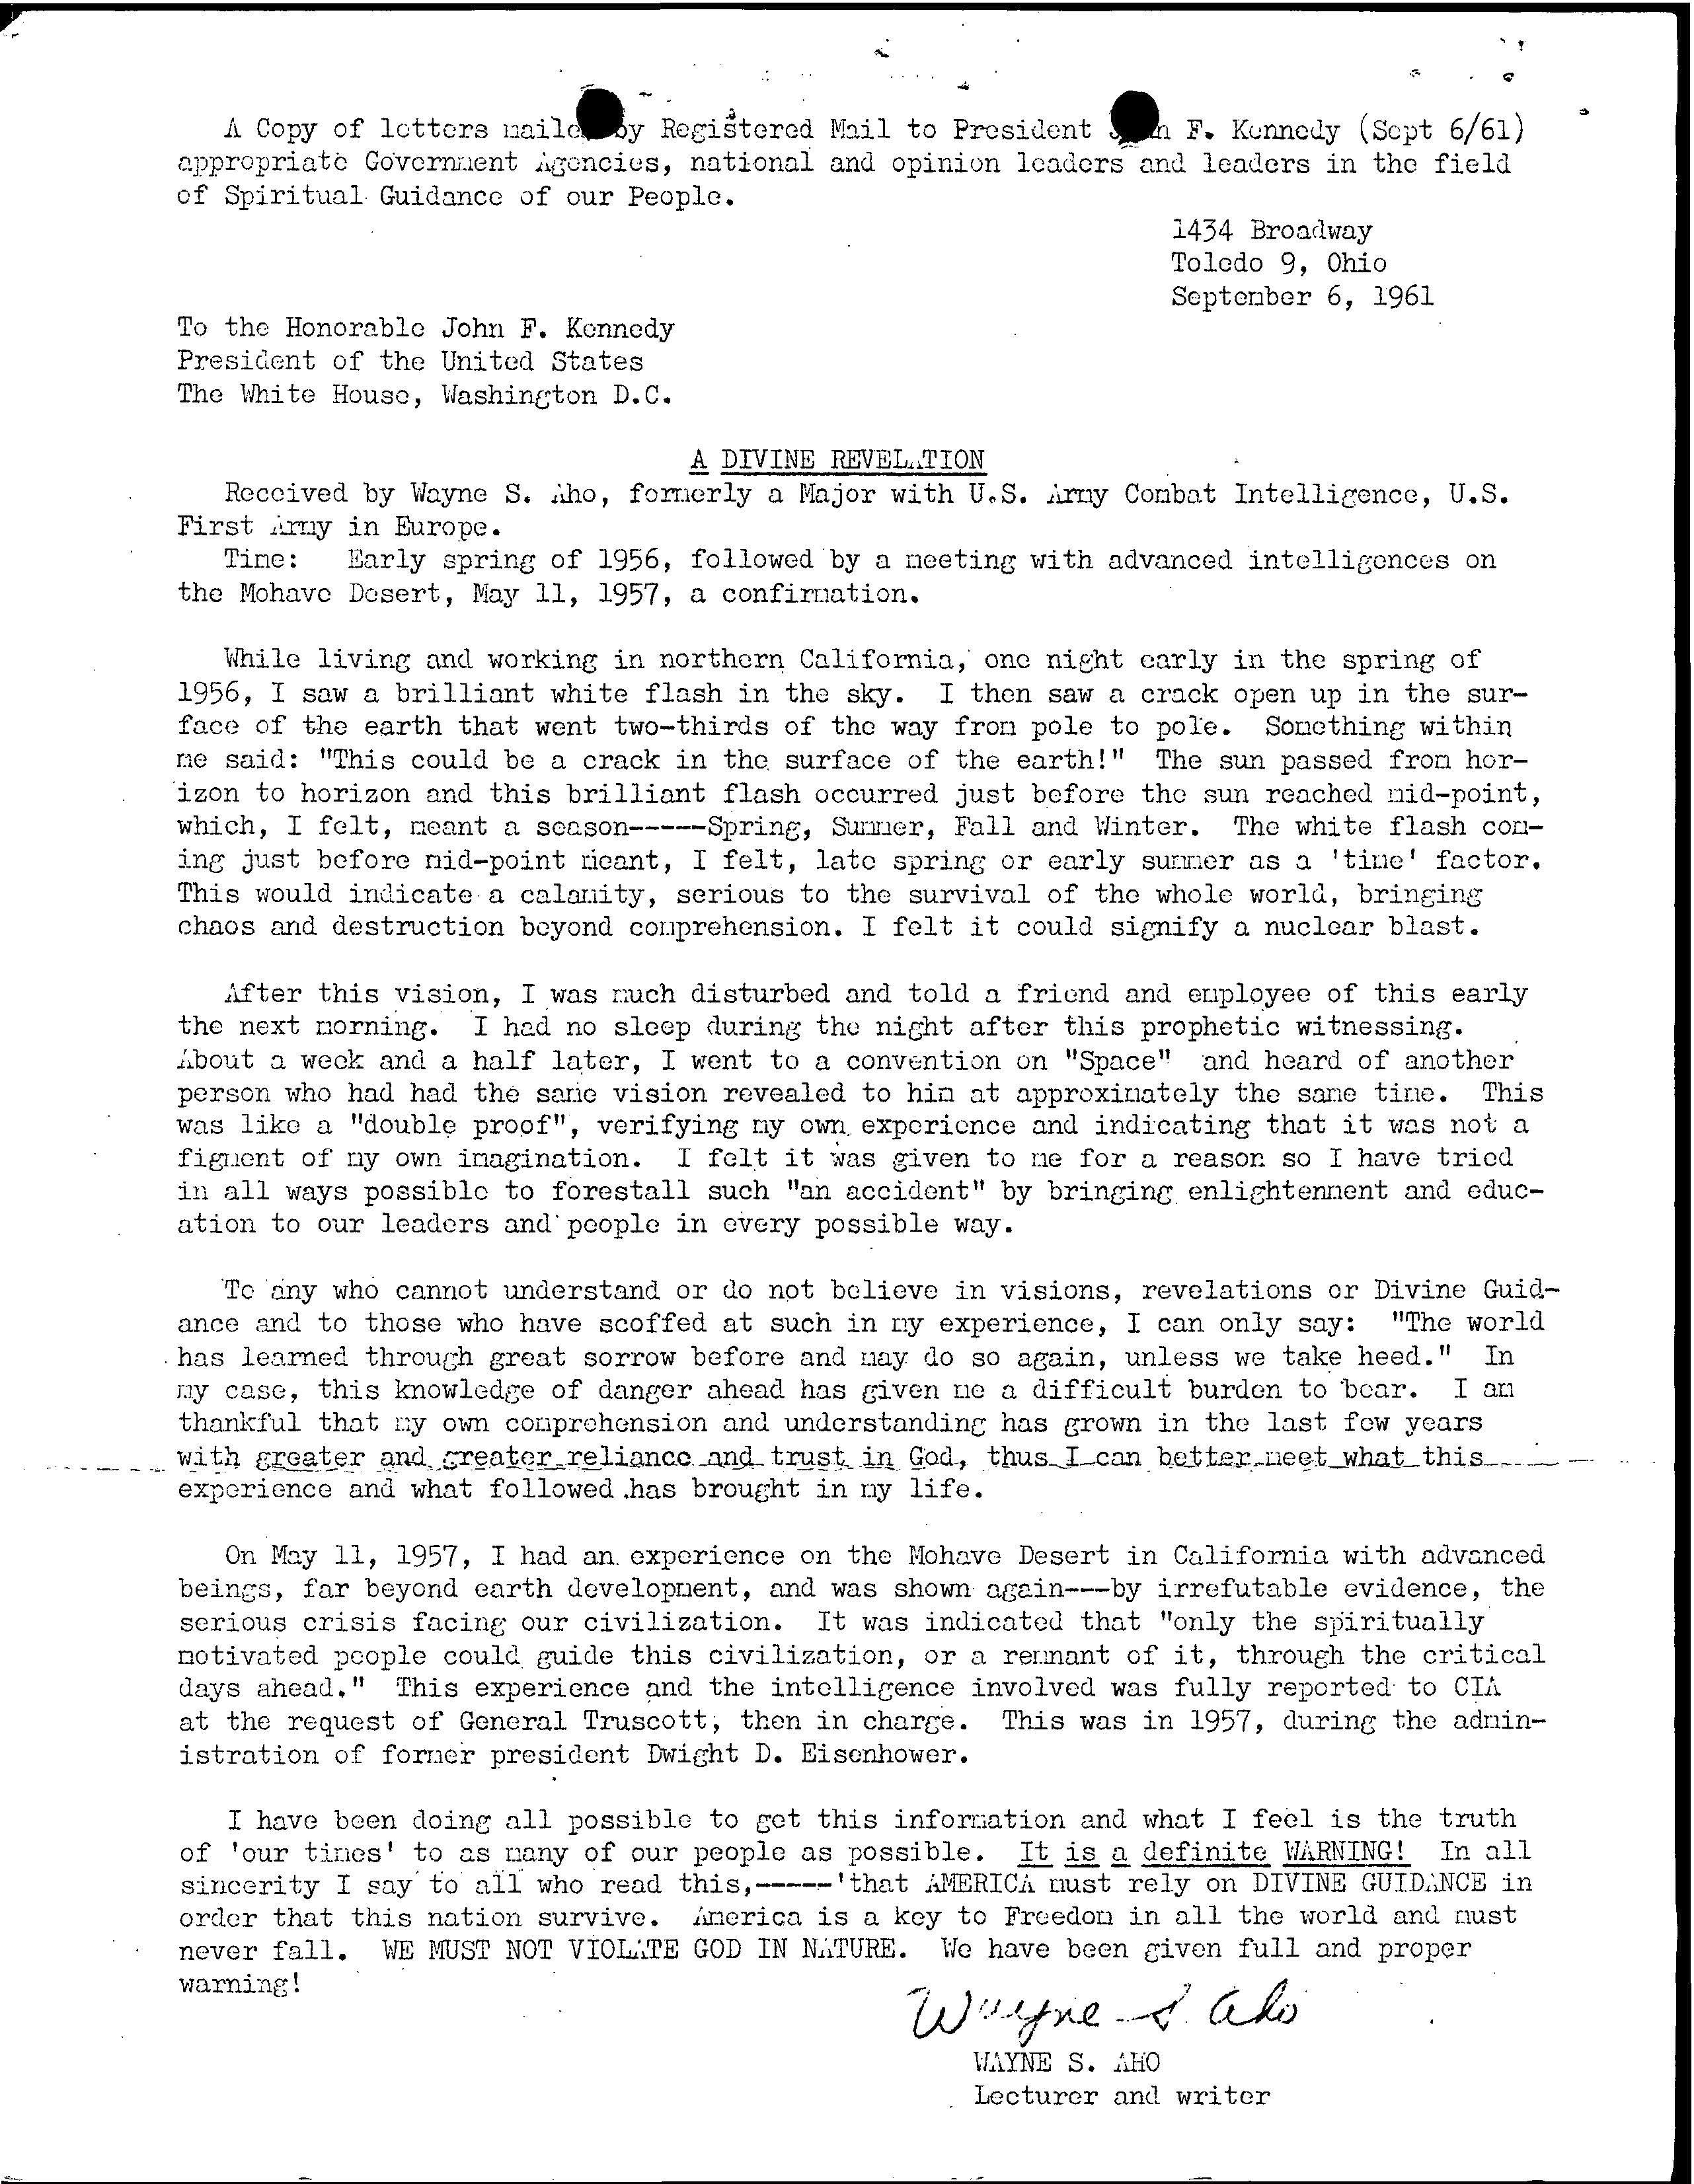 6-61 letter to JFK